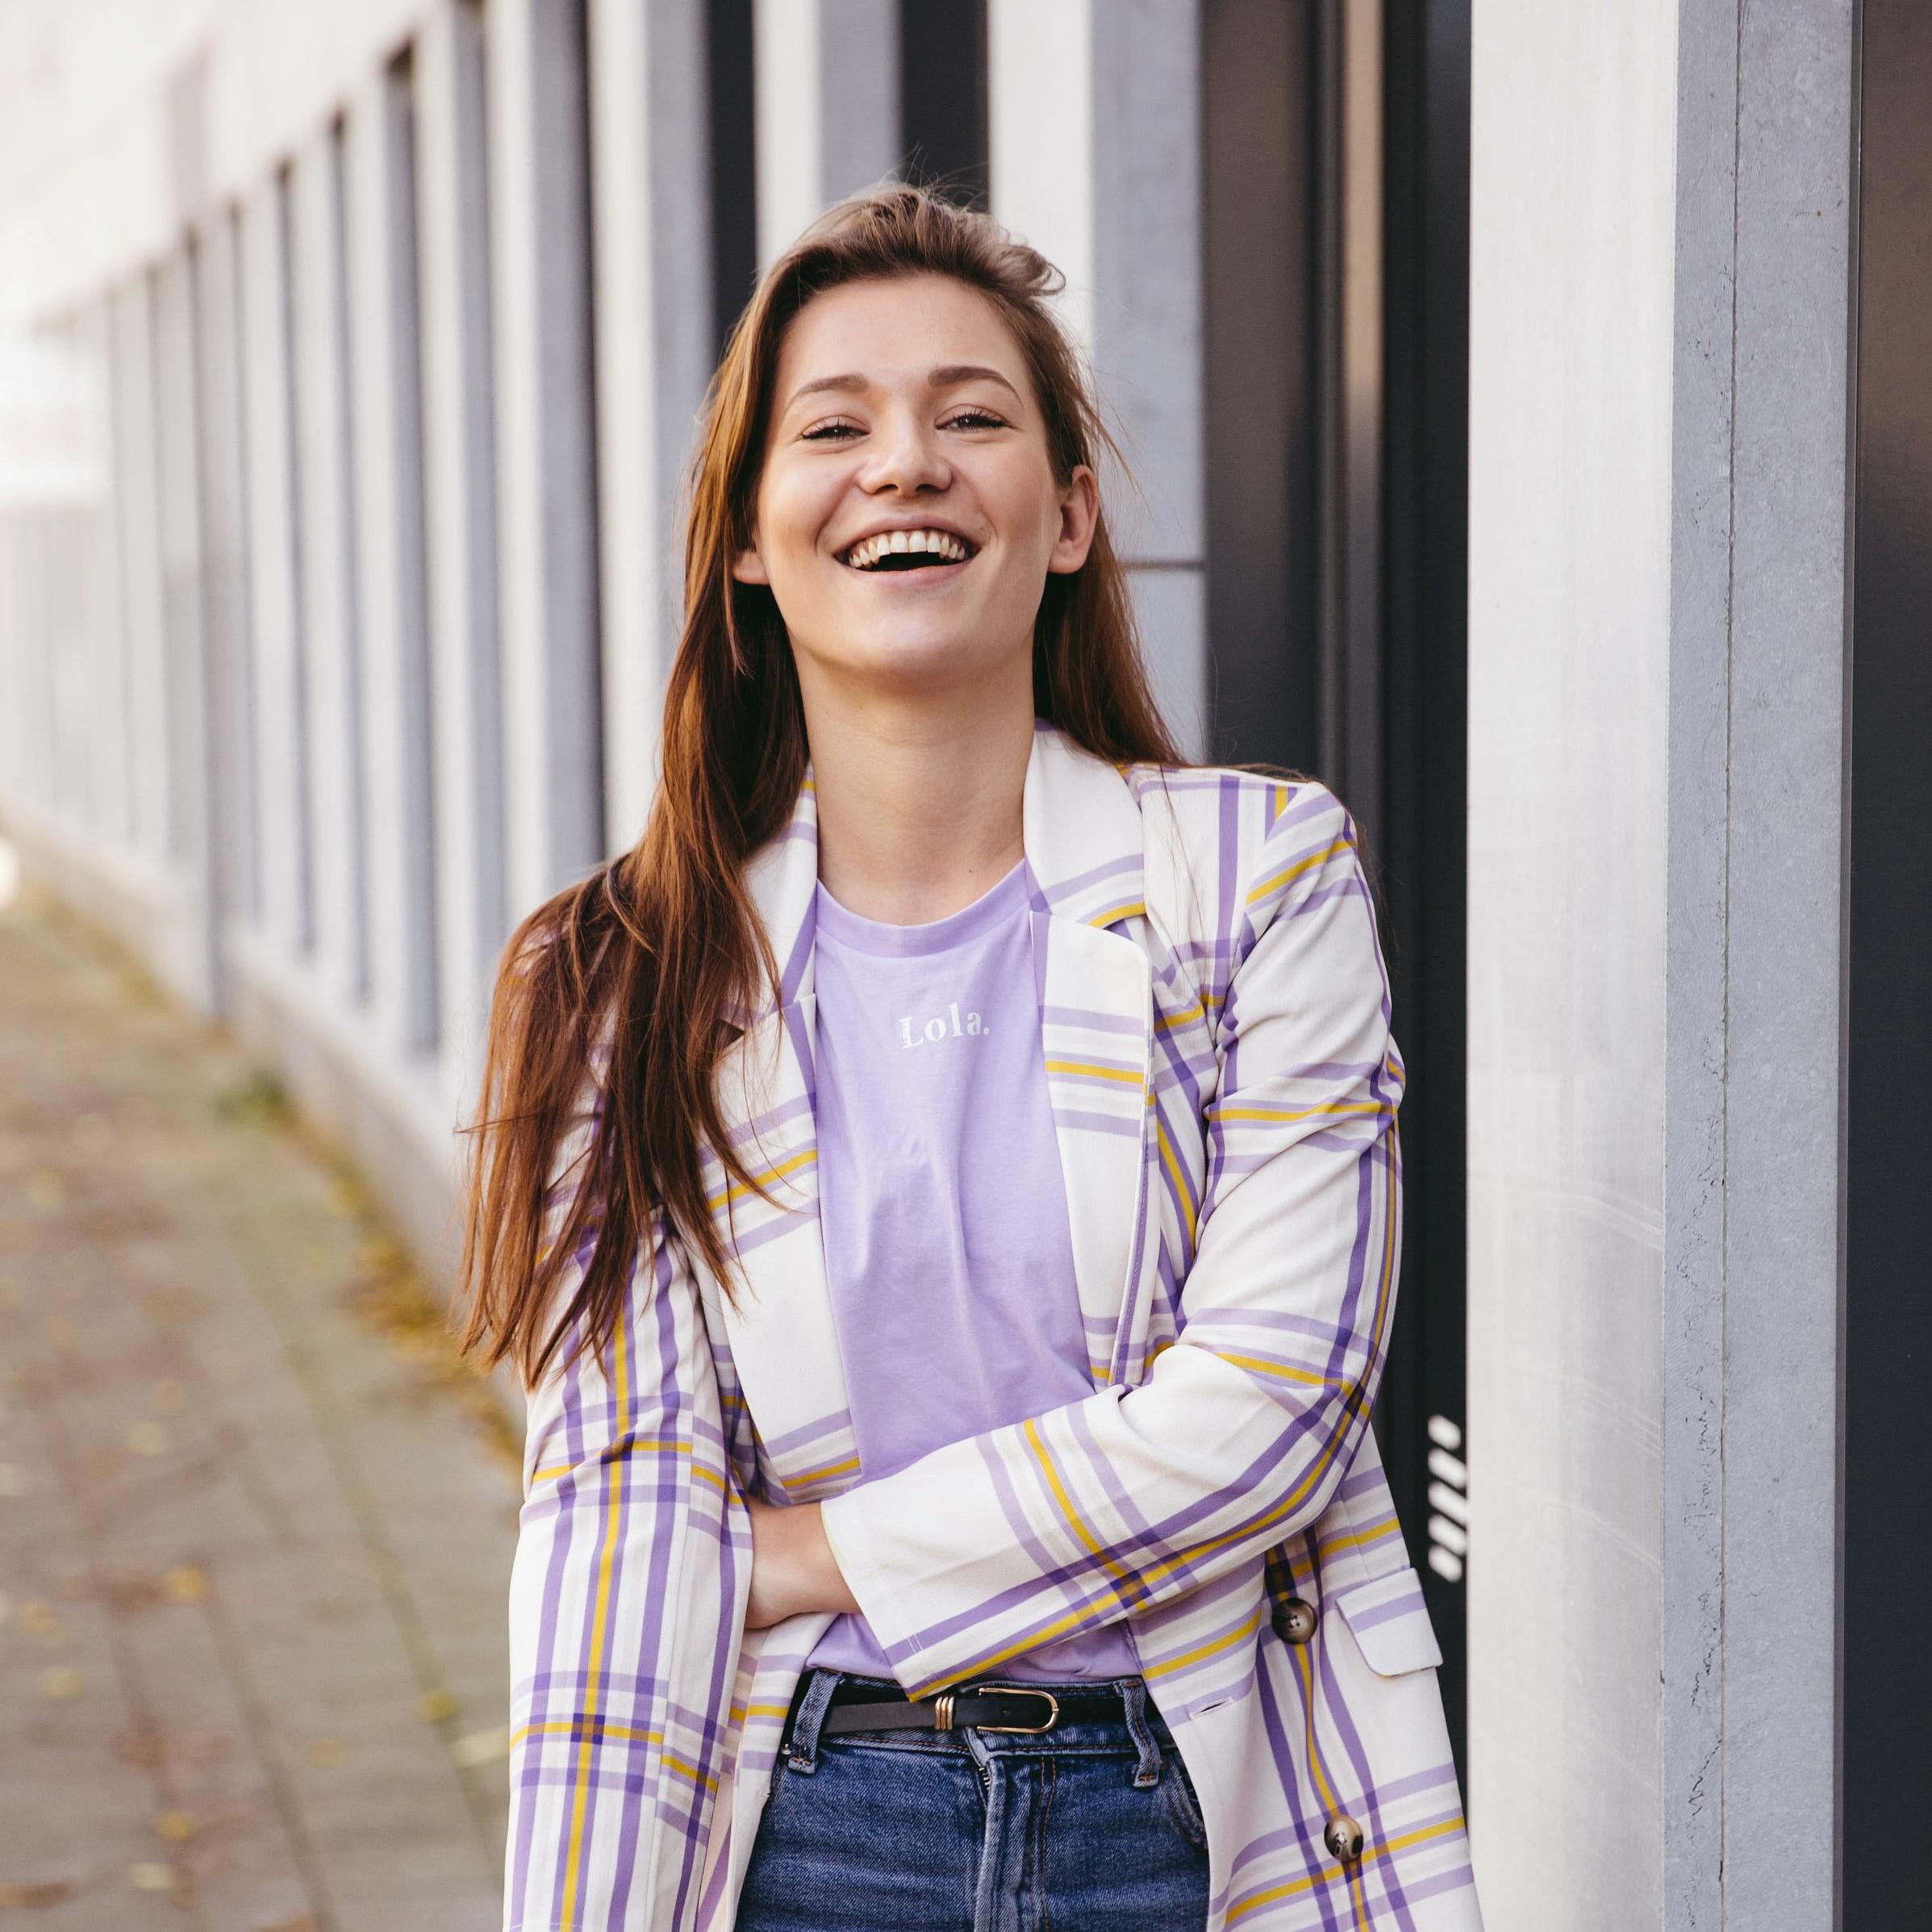 Lola van Boxel